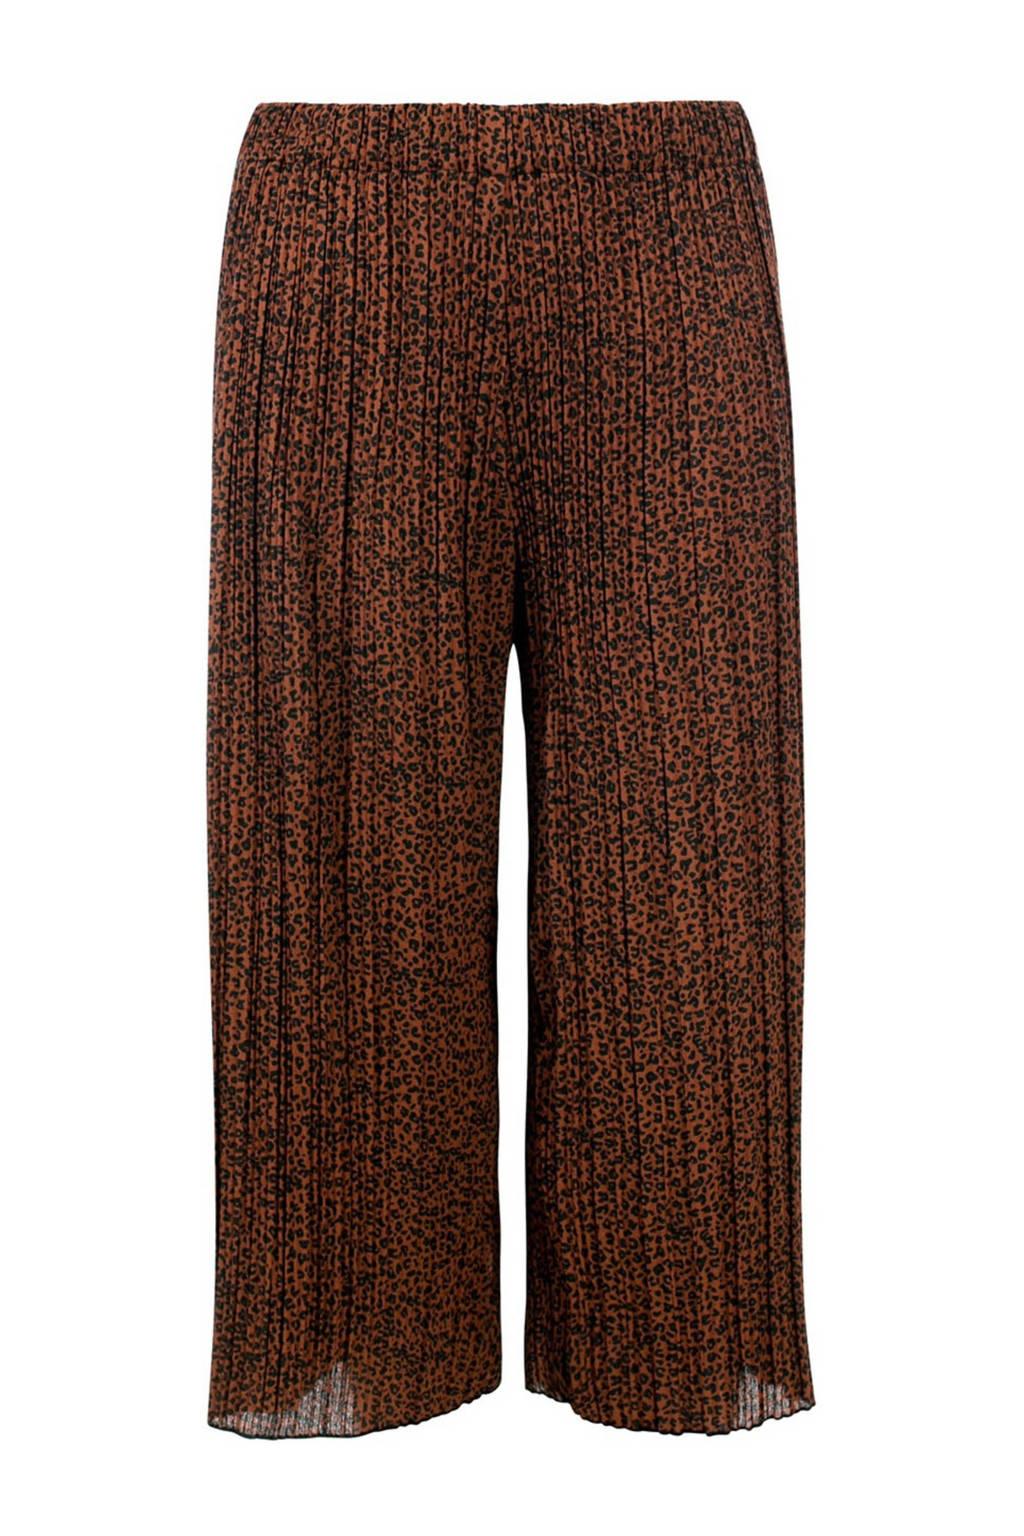 LOOXS little loose fit broek met panterprint en textuur bruin/zwart, Bruin/zwart